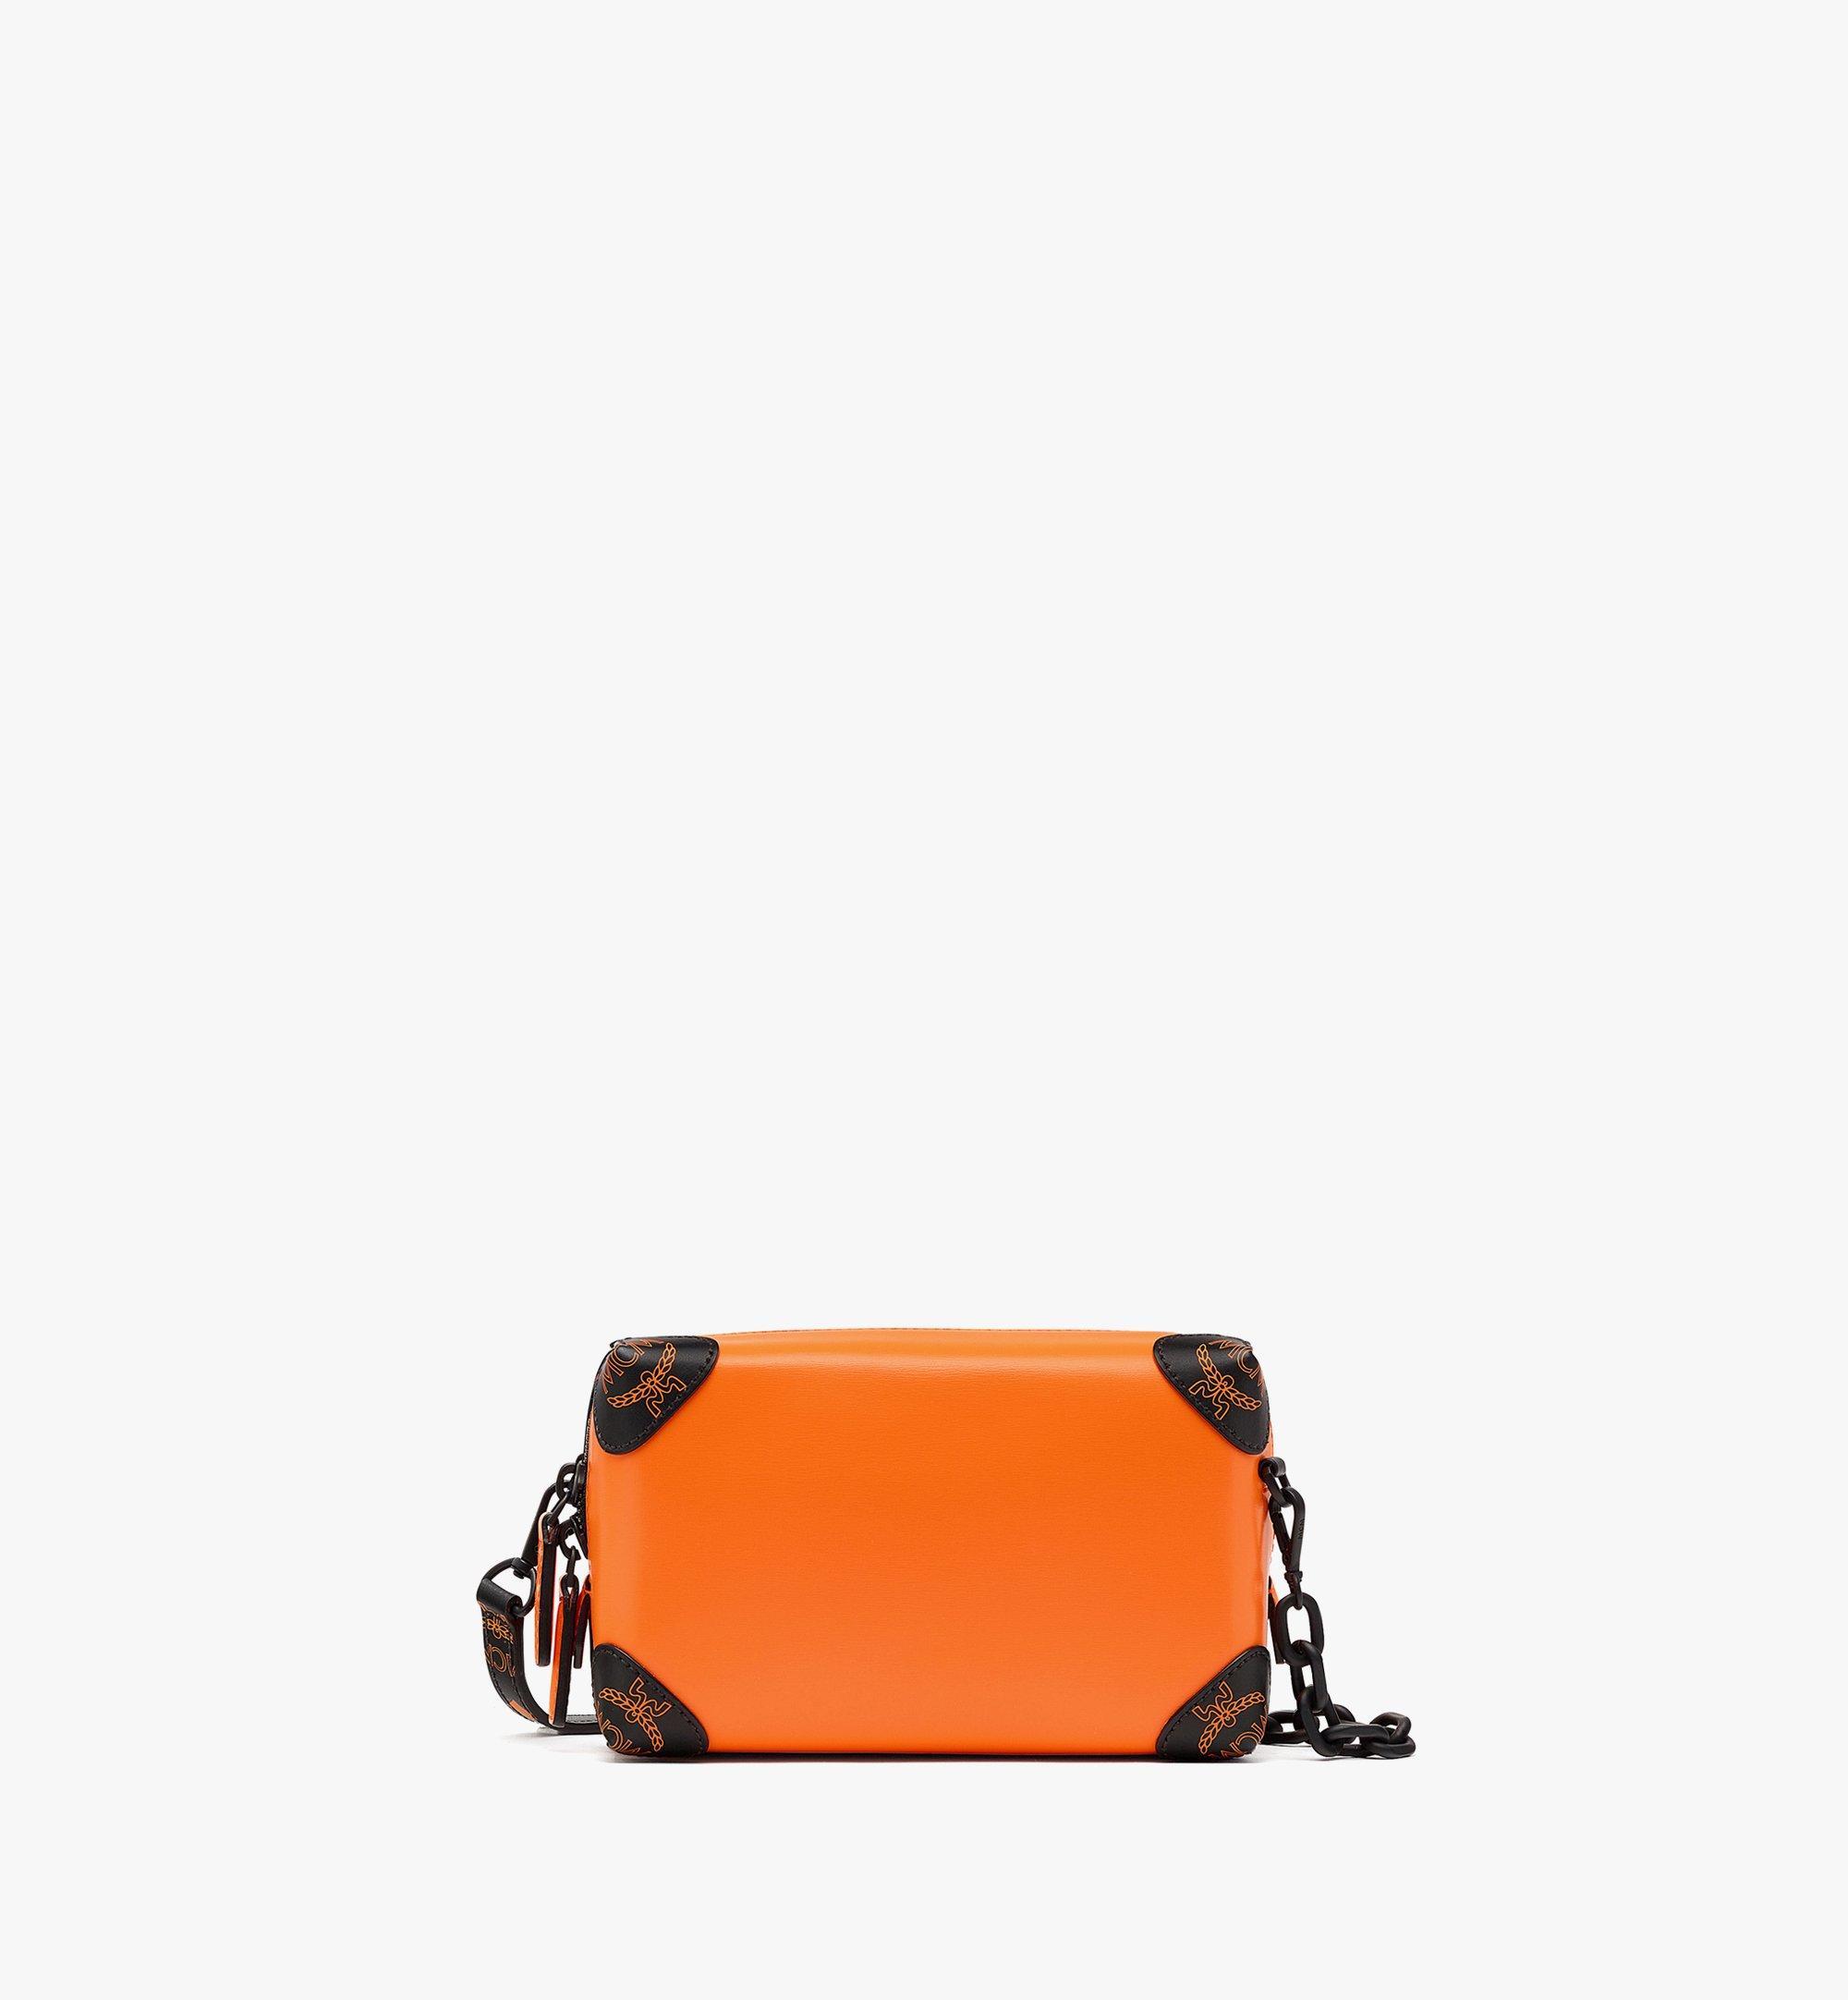 MCM SoftBerlin Crossbody-Tasche aus spanischem Leder Orange MMRBABF01O9001 Noch mehr sehen 1